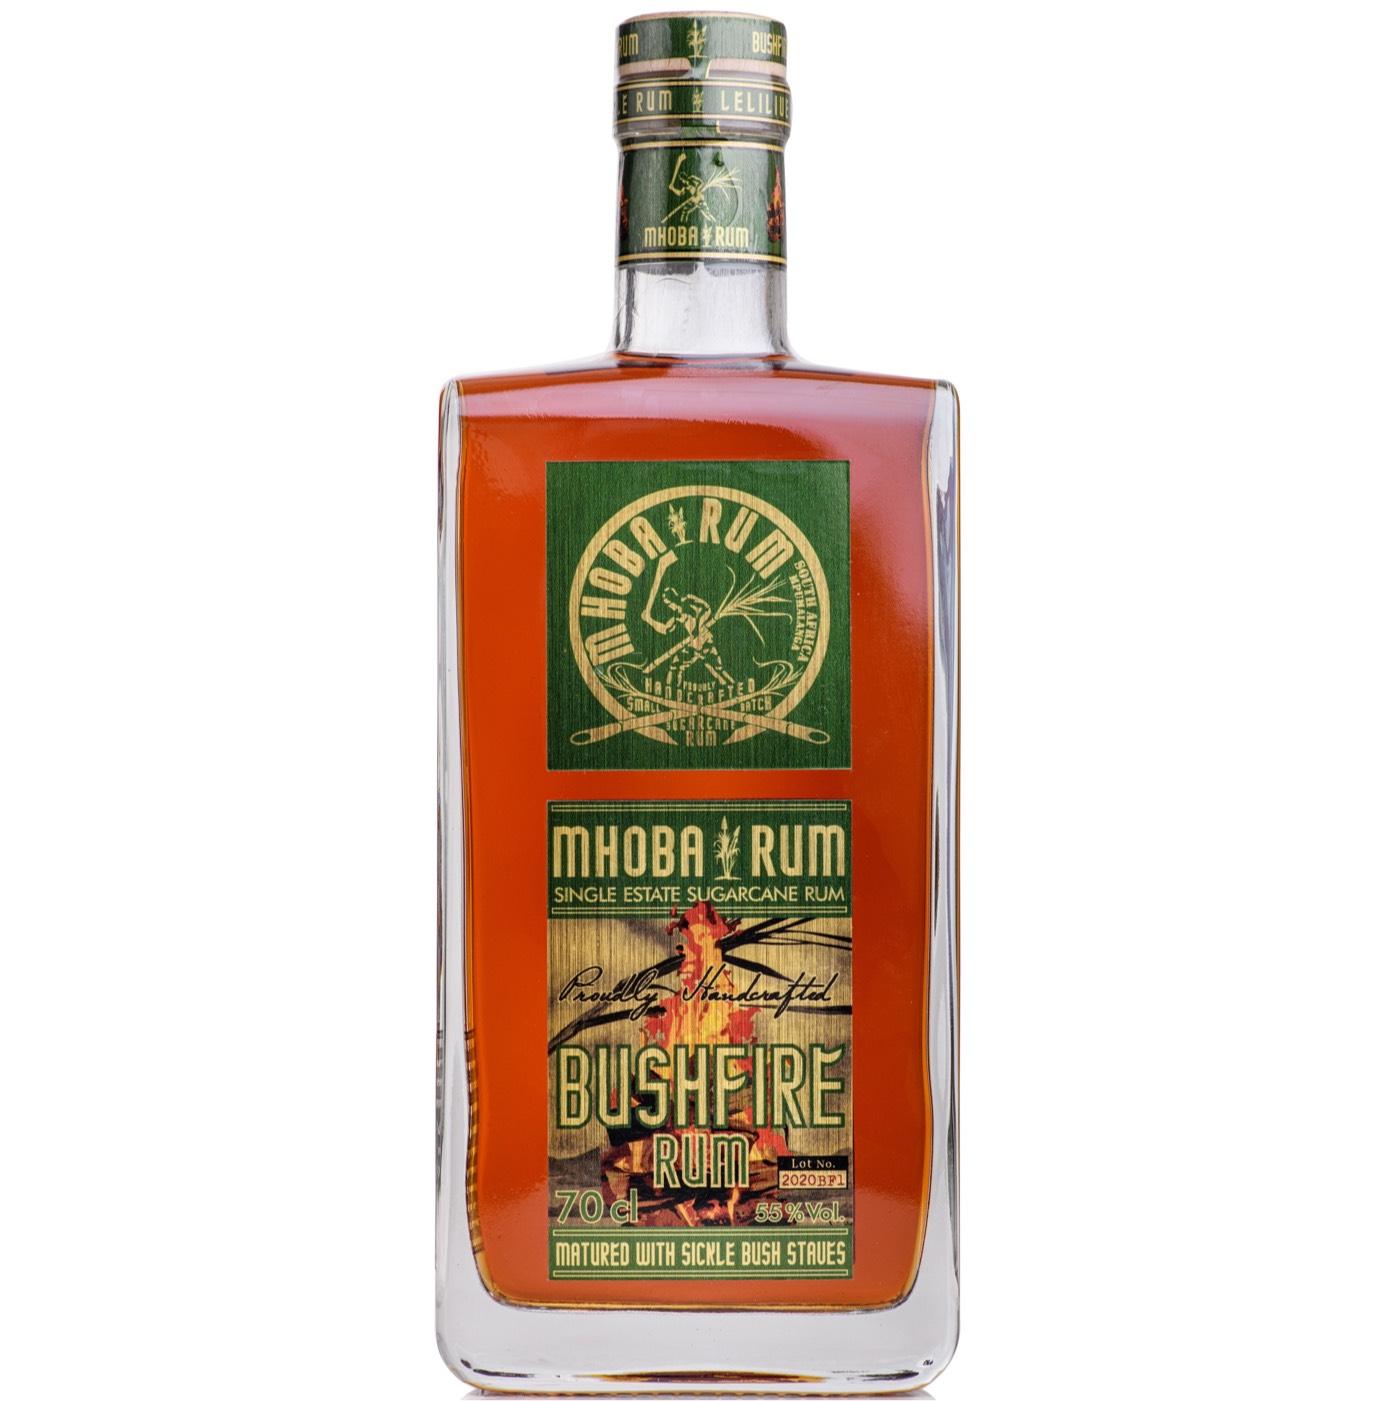 Bottle image of Bushfire